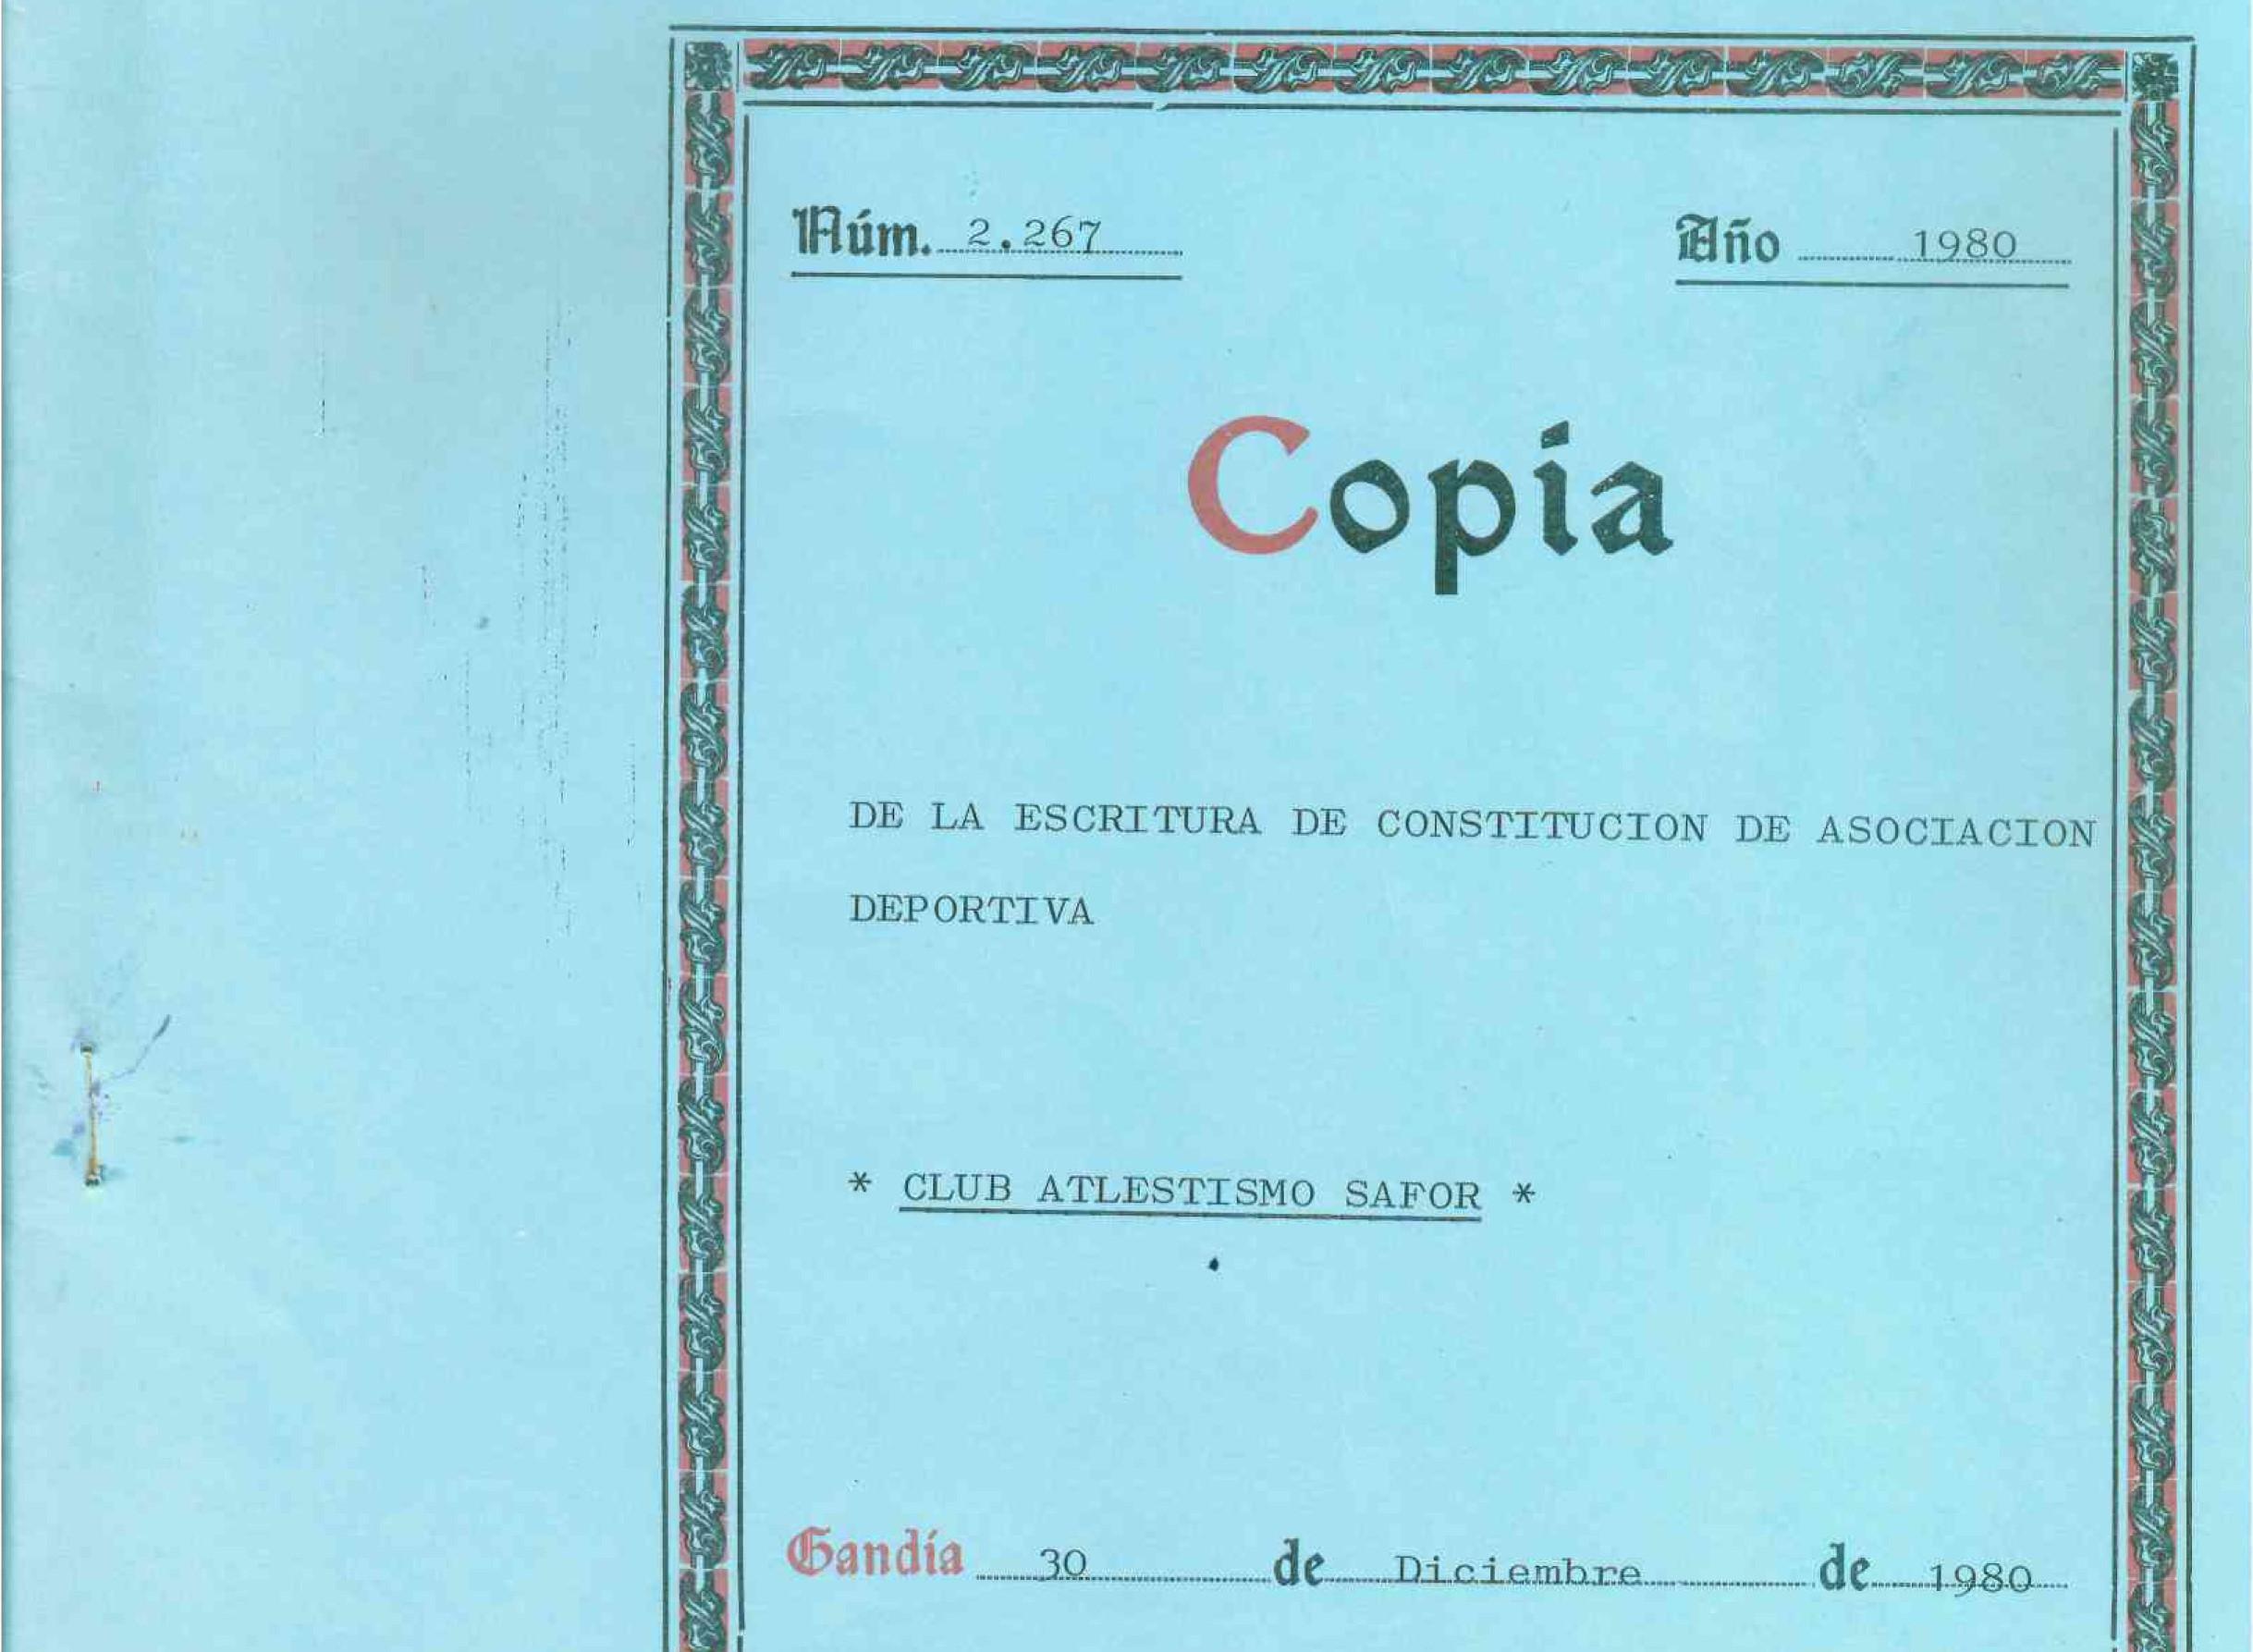 L'escriptura fundacional del Club d'Atletisme Safor